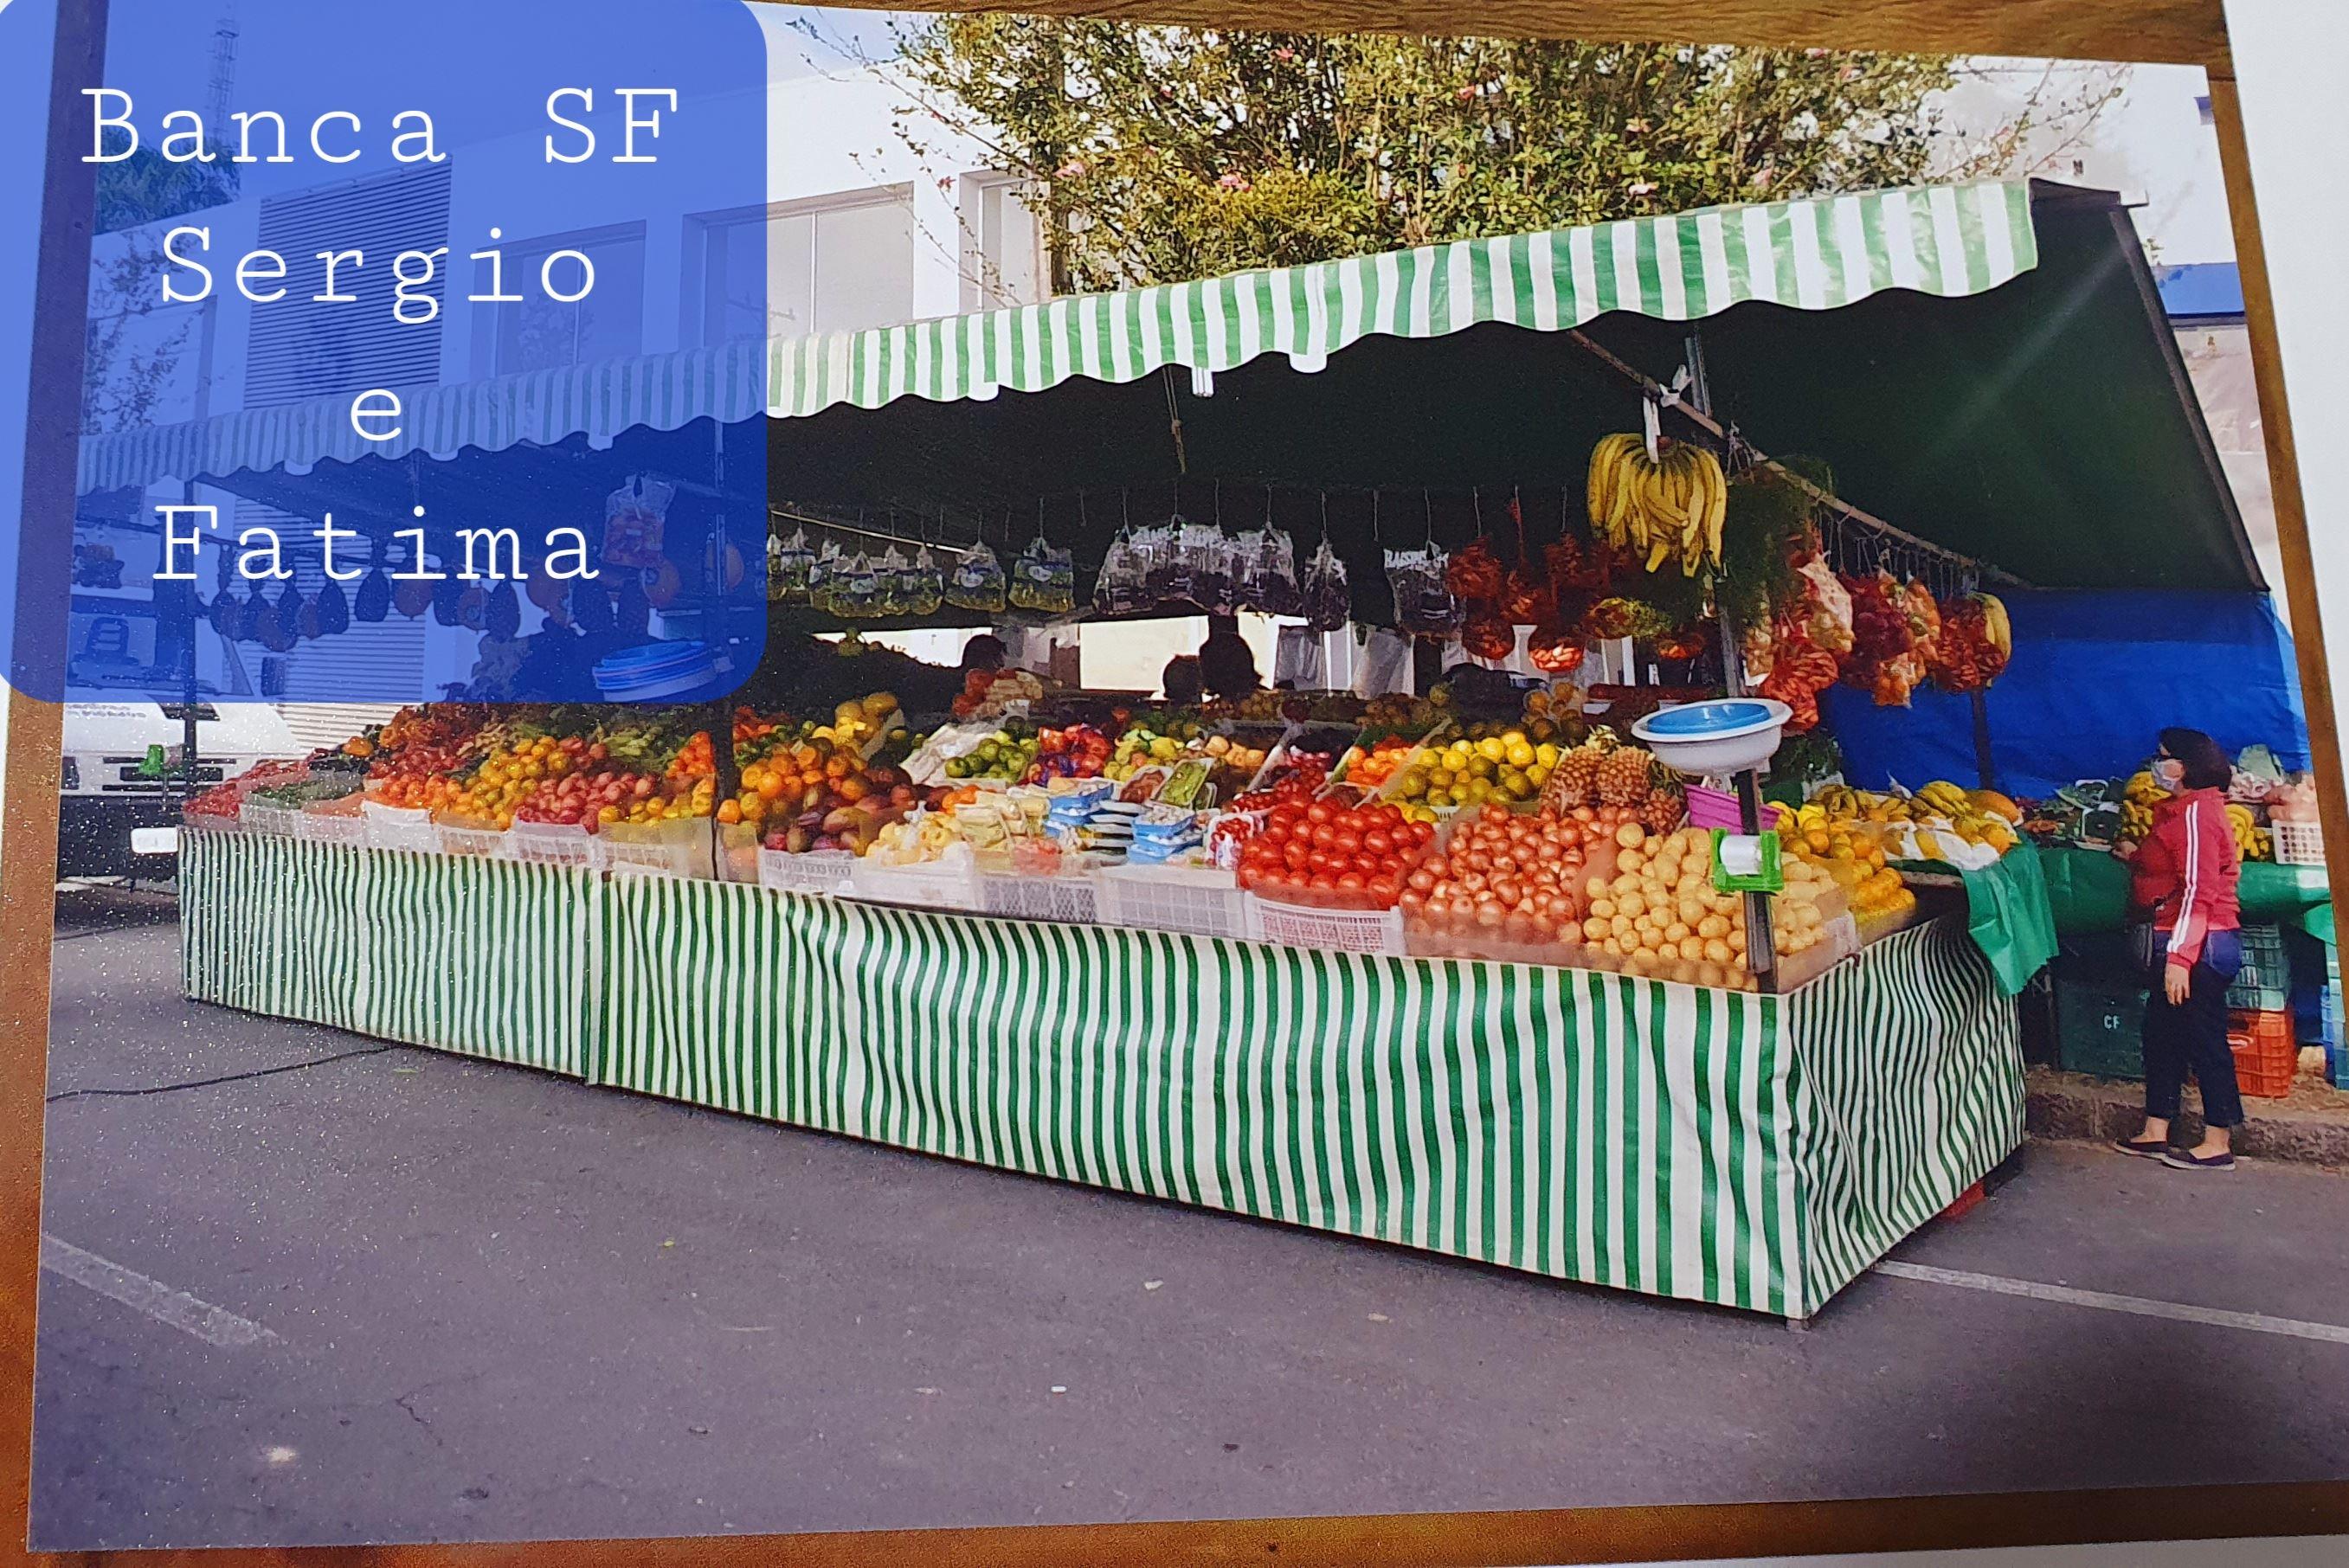 Logotipo - Banca SF Sergio e Fatima